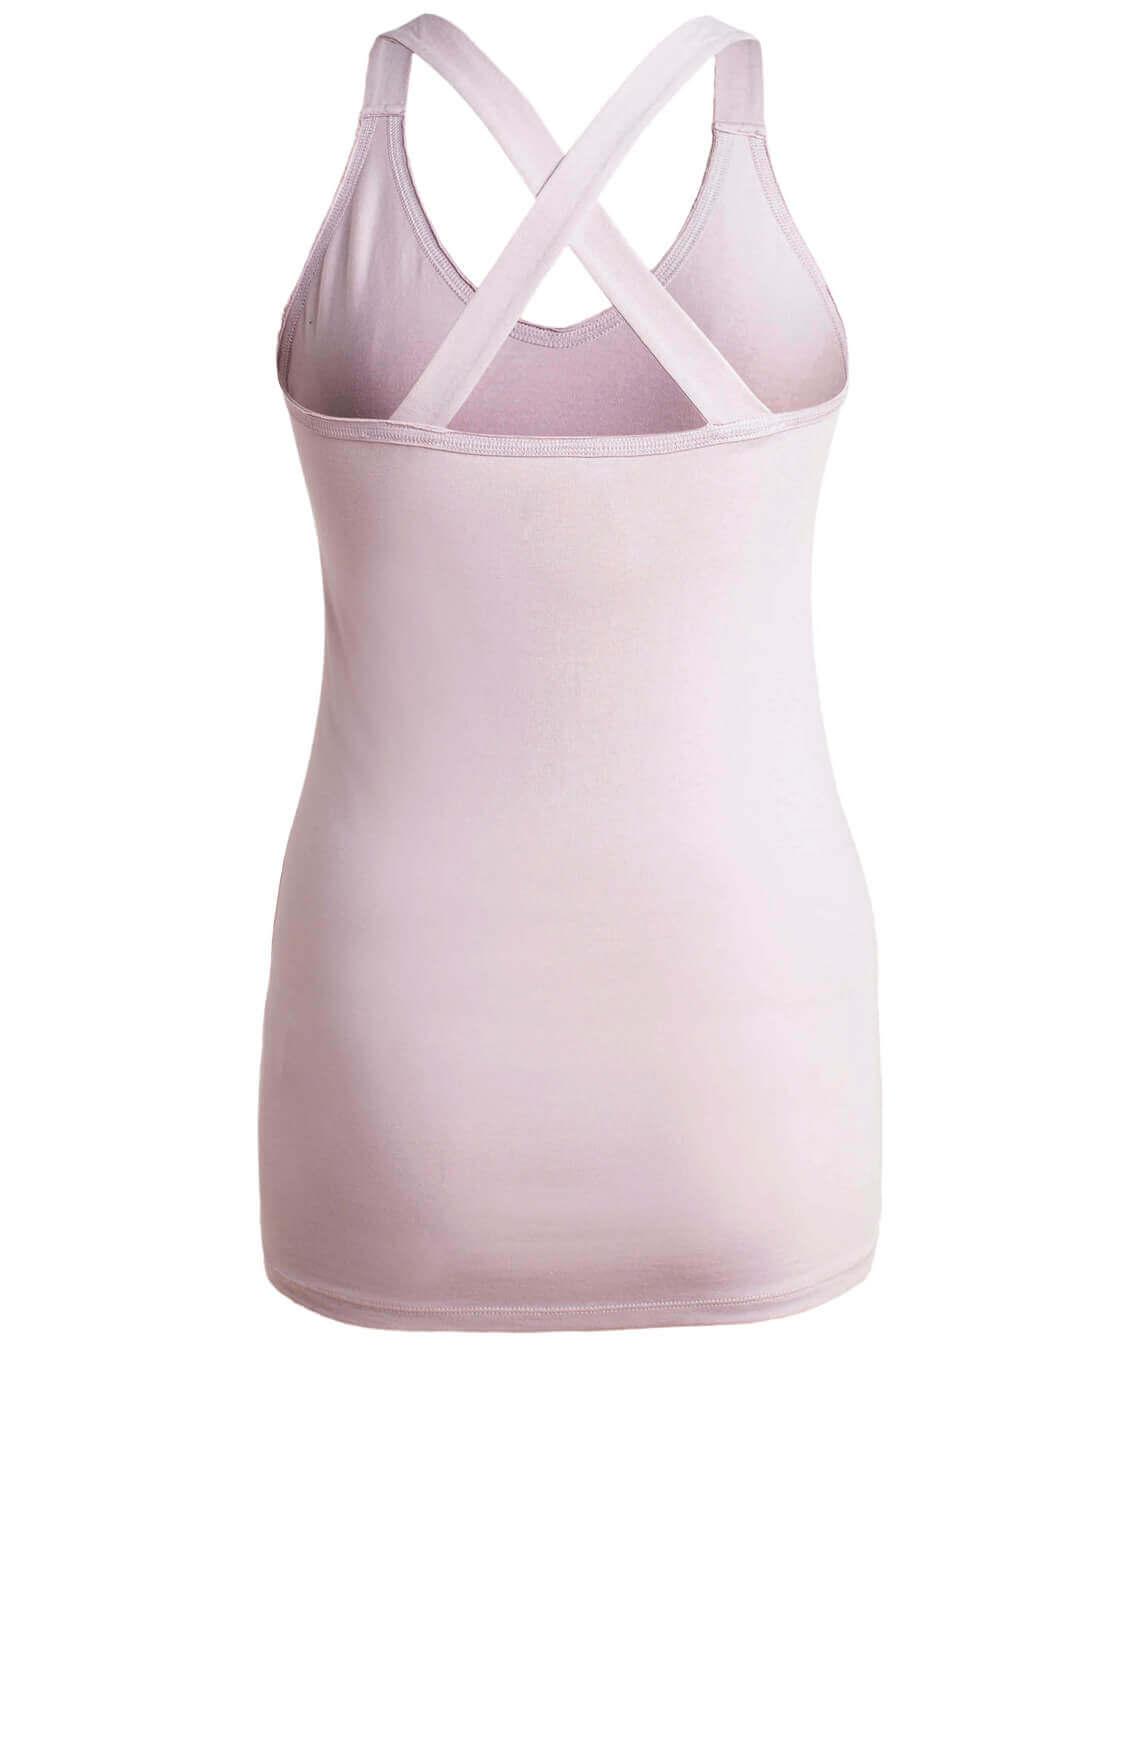 10 Days Dames Top met gekruiste bandjes roze